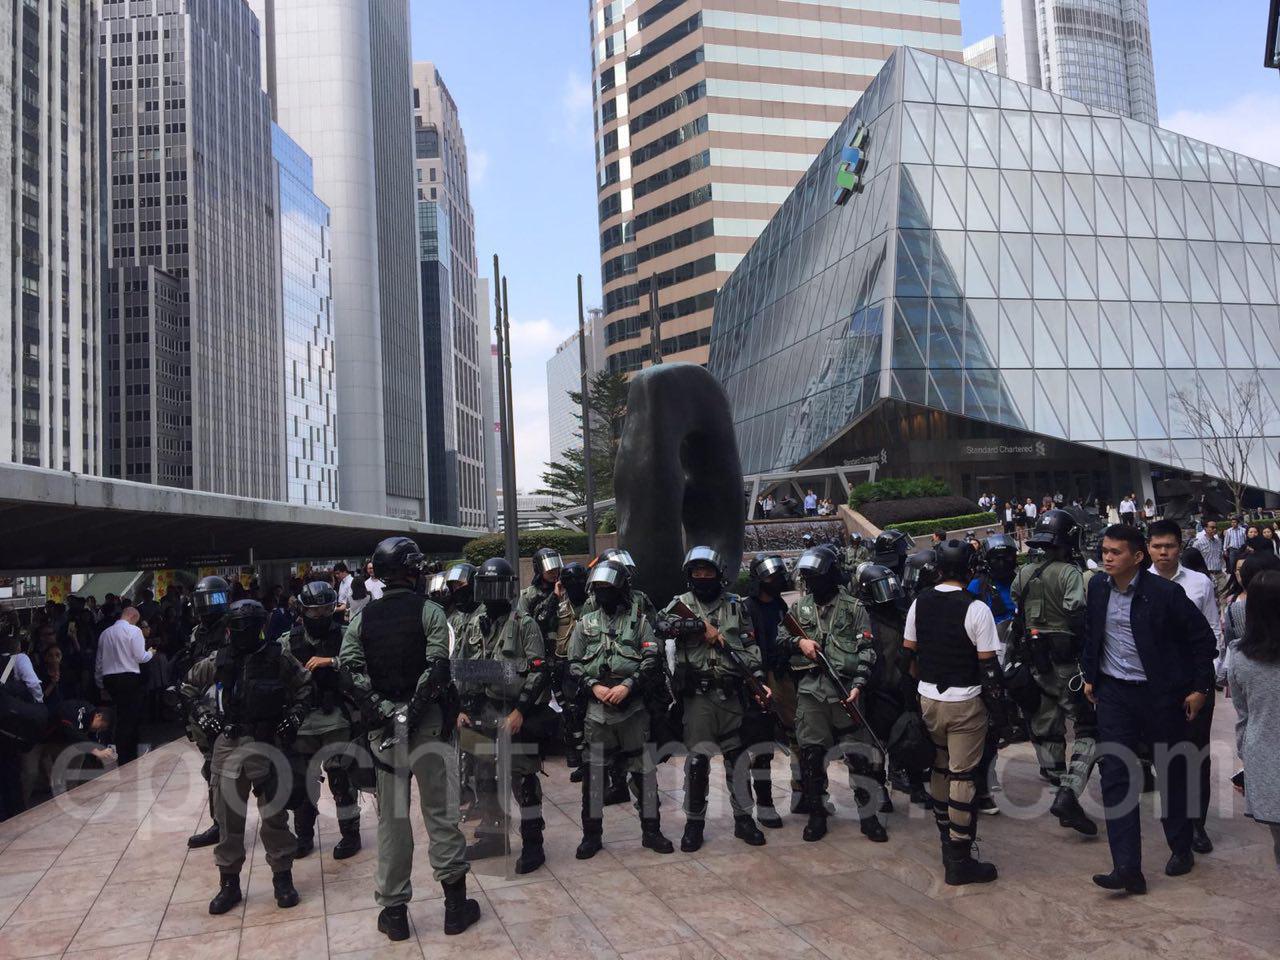 12日,香港市民在多區發起抗警暴活動,圖為,市民在中環抗議,防暴警發散催淚彈驅散市民。(黃浩/大紀元)